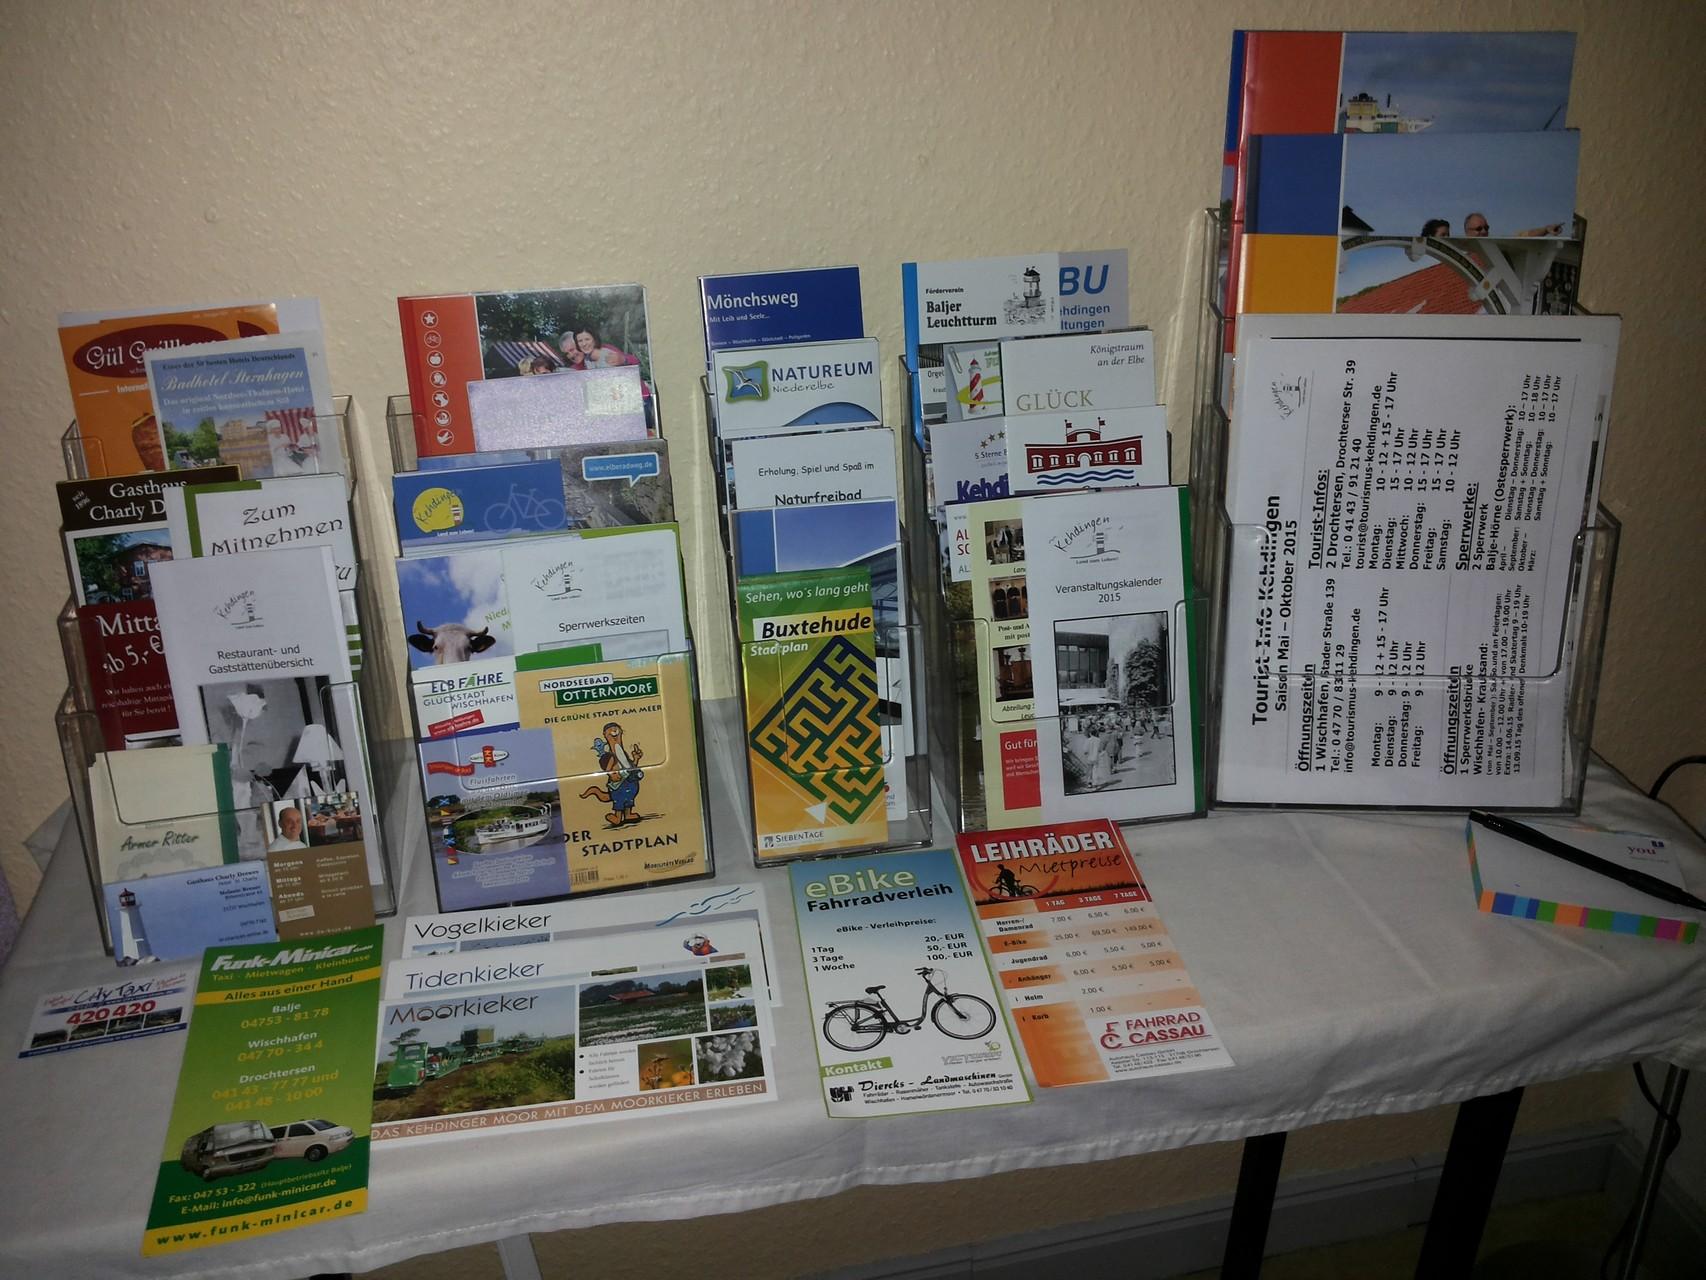 Hier gibt es viele Informationen über Ausflugsziele und Unternehmungen